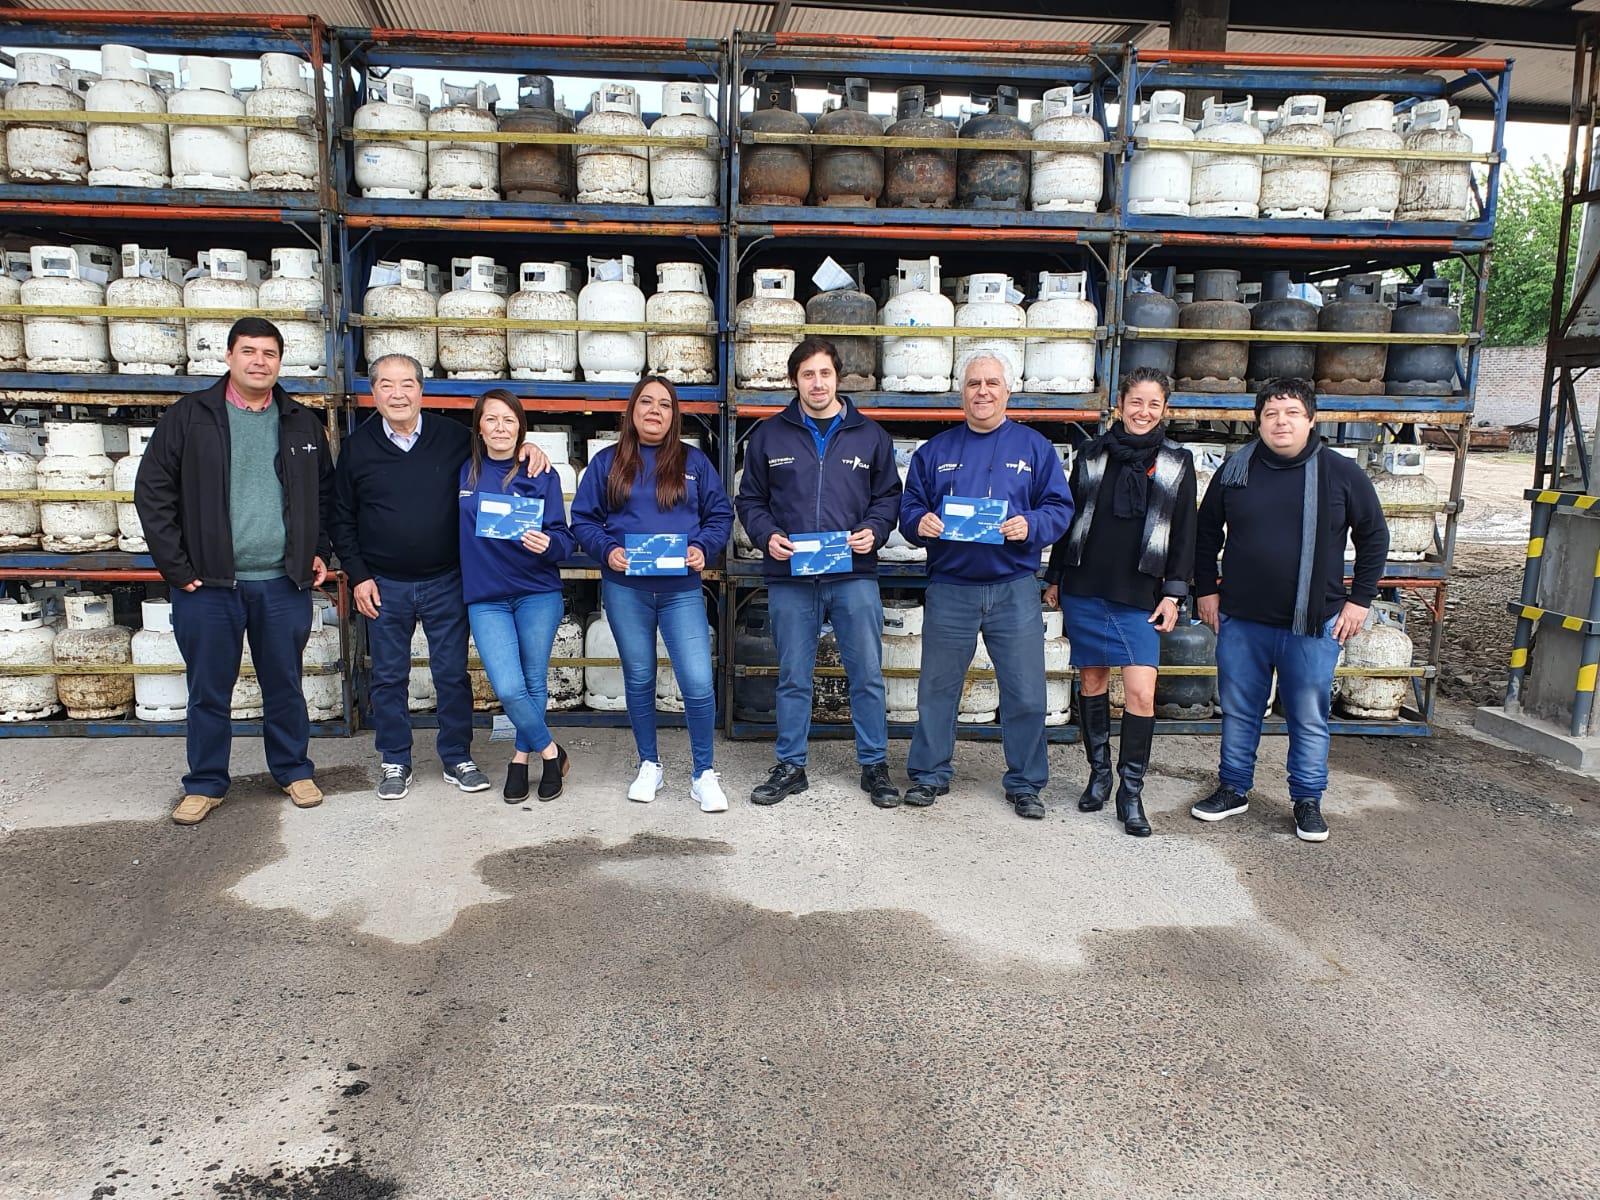 Entrega de premios a los ganadores de la Promoción de YPF Gas en el Depósito Moreno